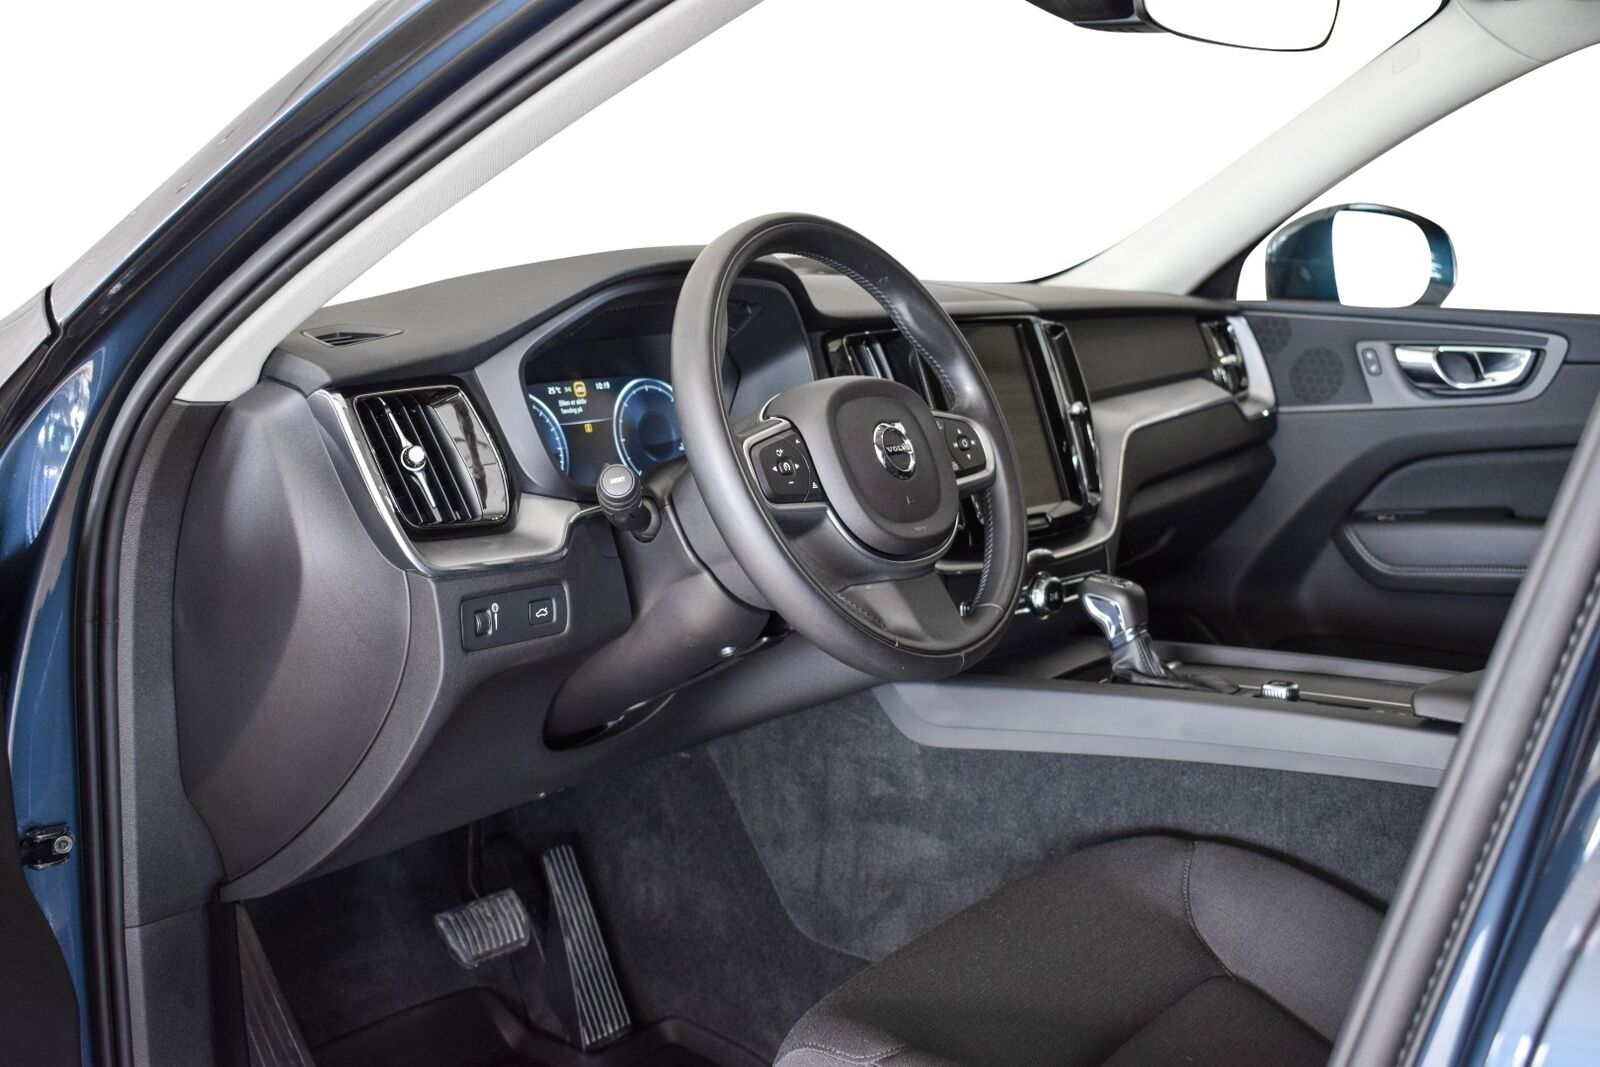 Volvo XC60 2,0 D4 190 Momentum aut. - billede 8